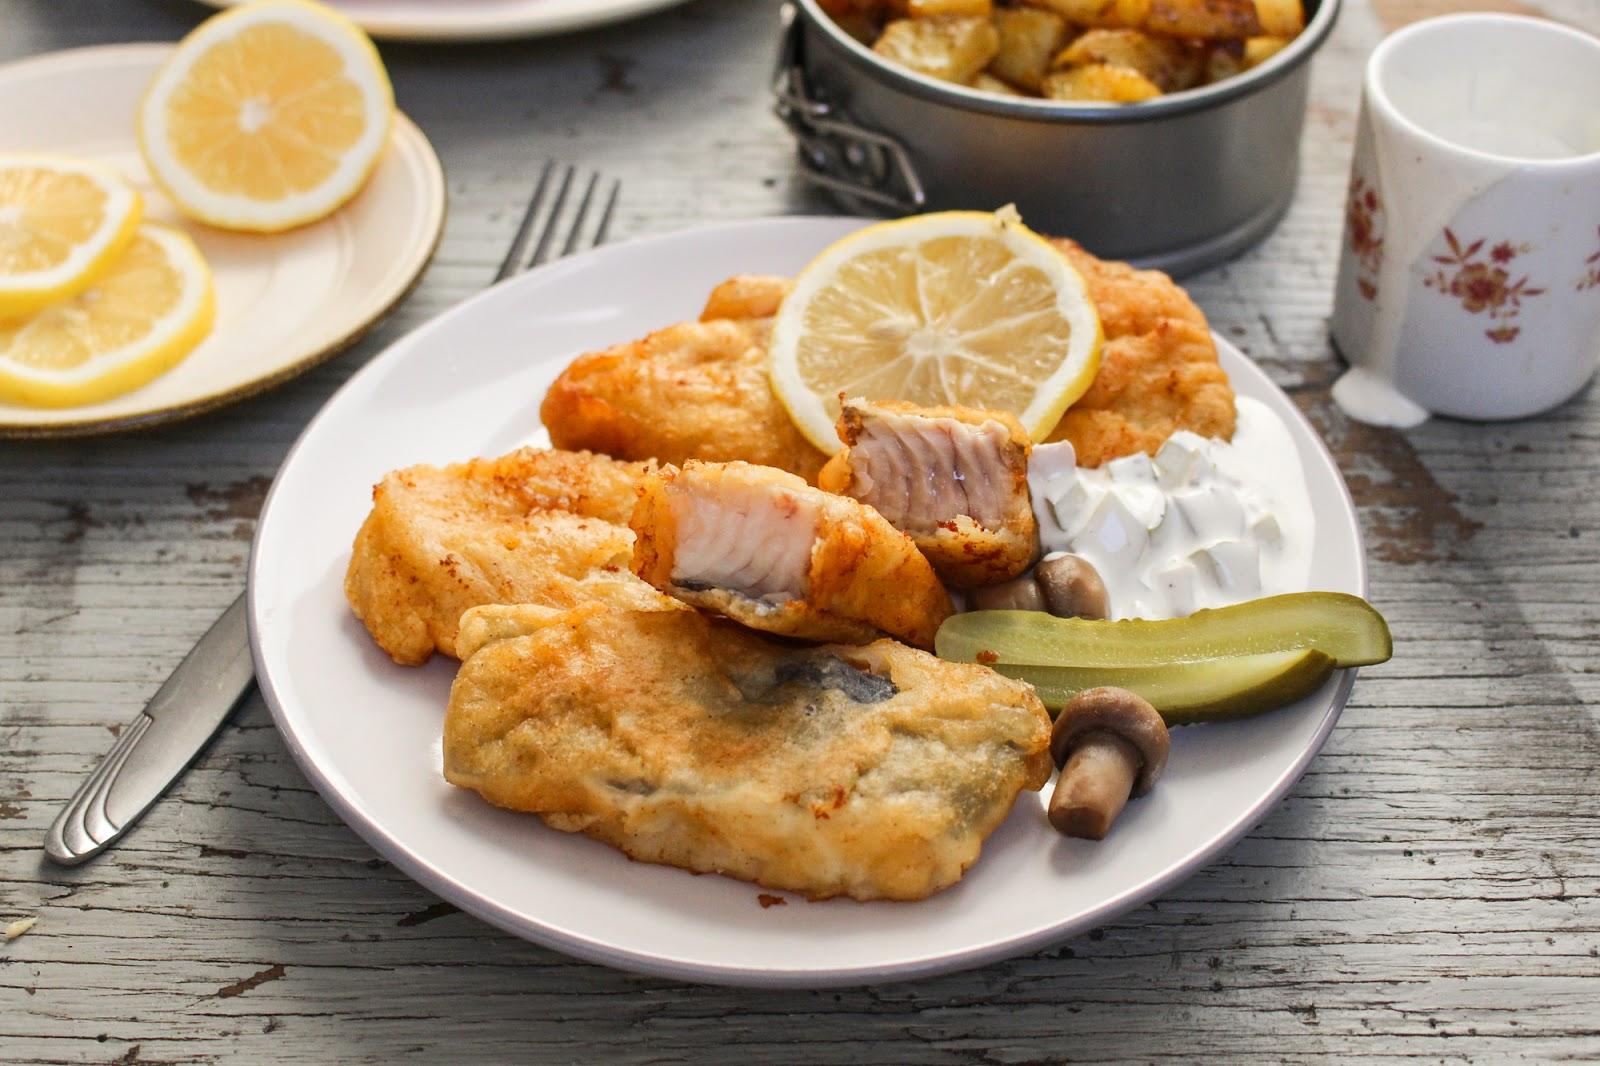 Ryba w cieście piwnym podana z sosem tatarskim i pieczonymi ziemniakami.